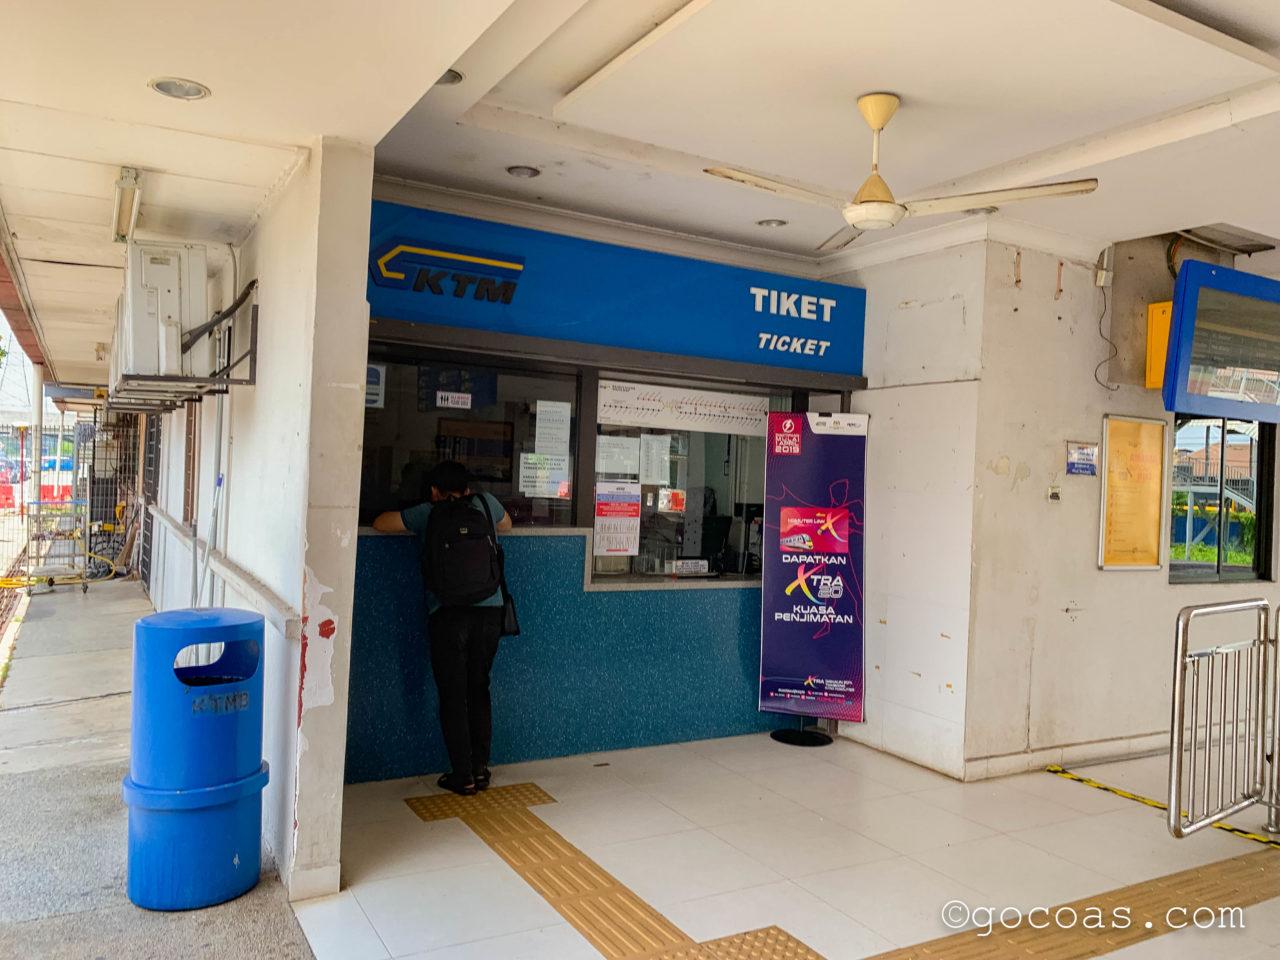 シャー・アラム駅の鉄道チケット売り場